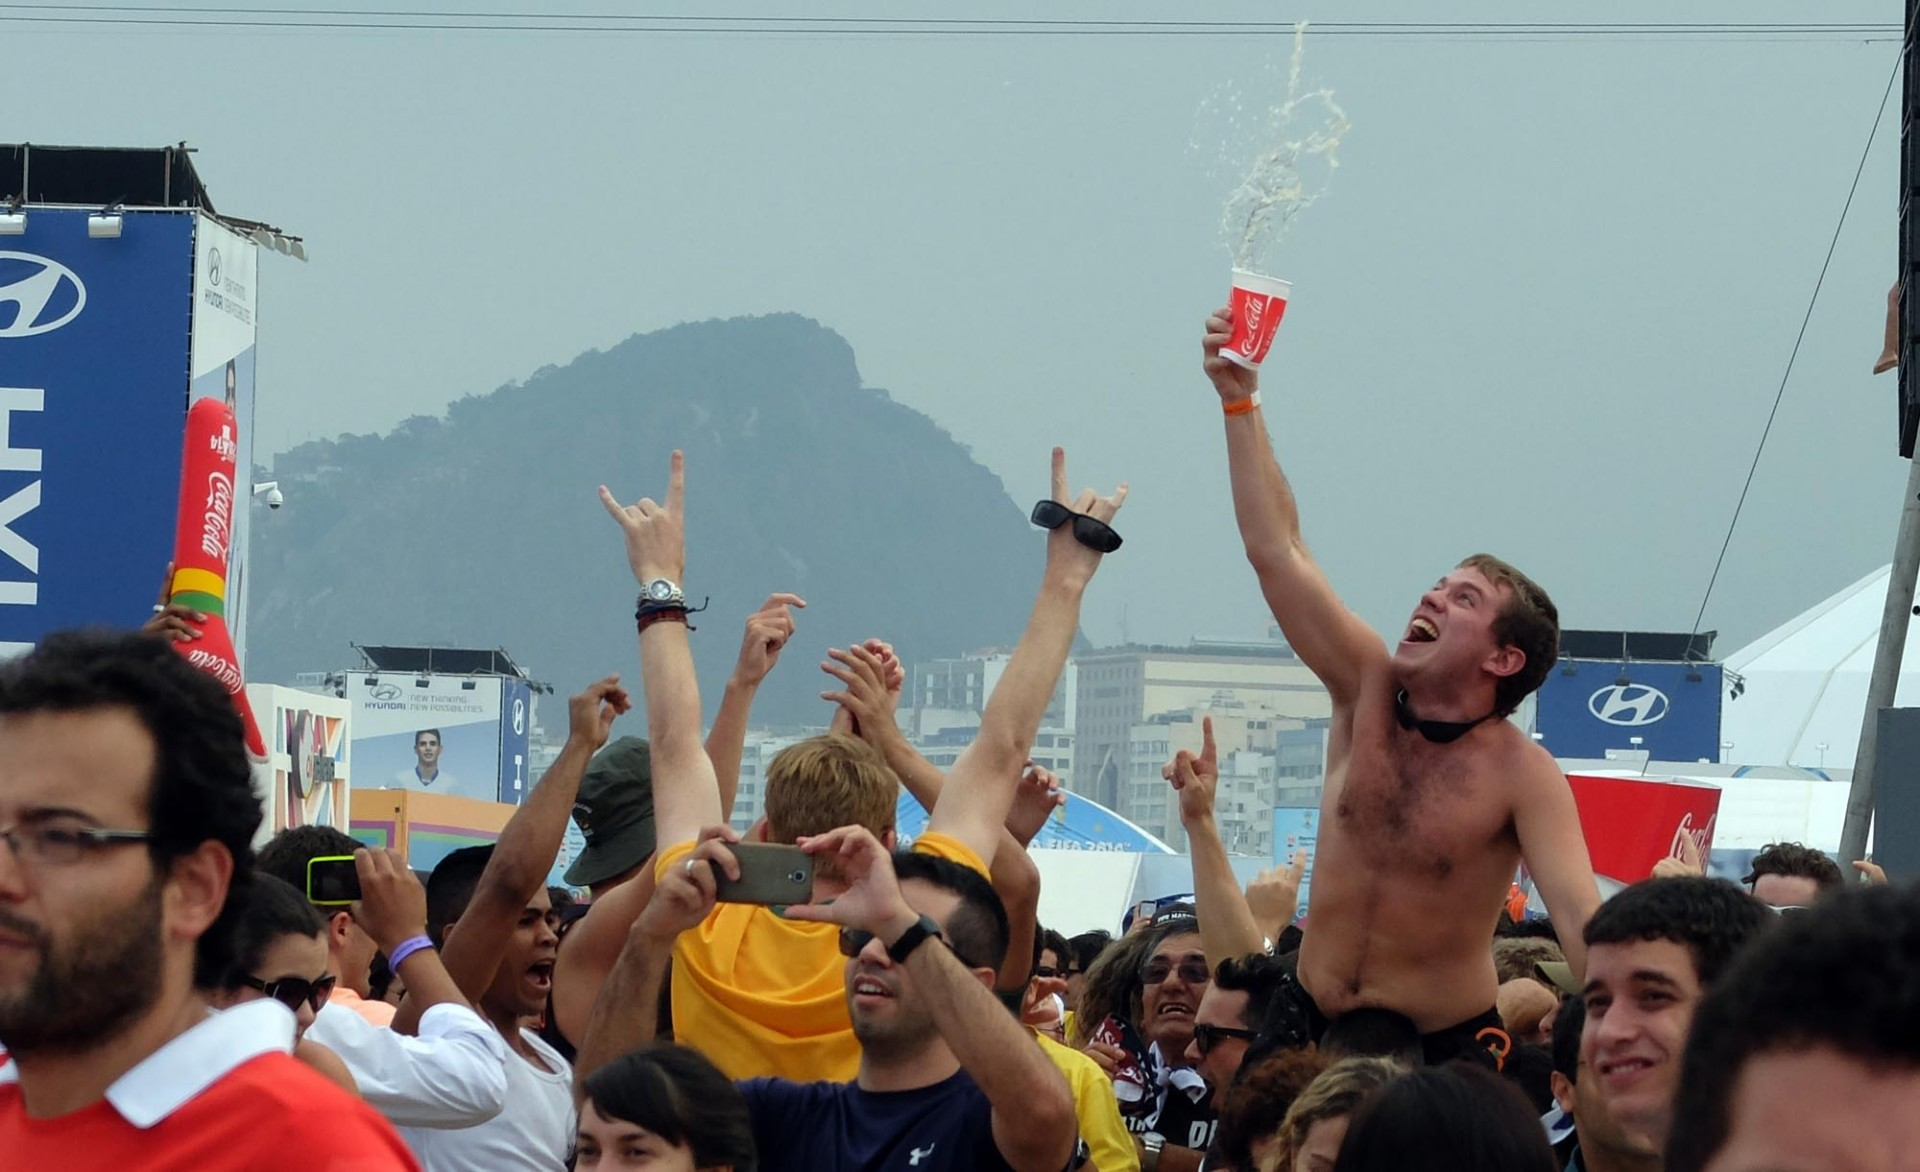 Fiesta y fútbol: ¿Qué más se le puede pedir a la vida?